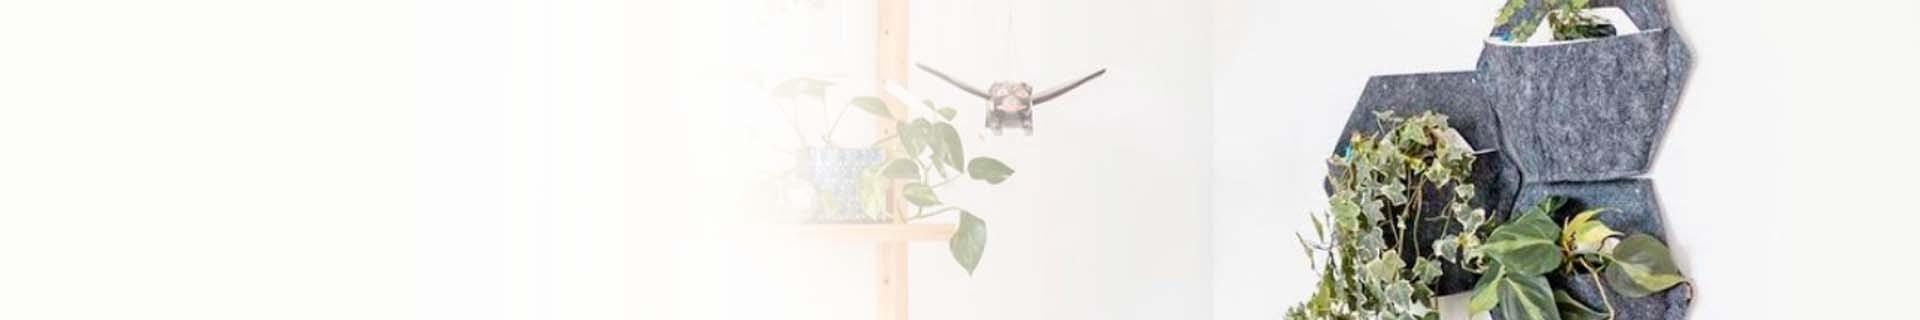 Testos de paret amb plantes penjants